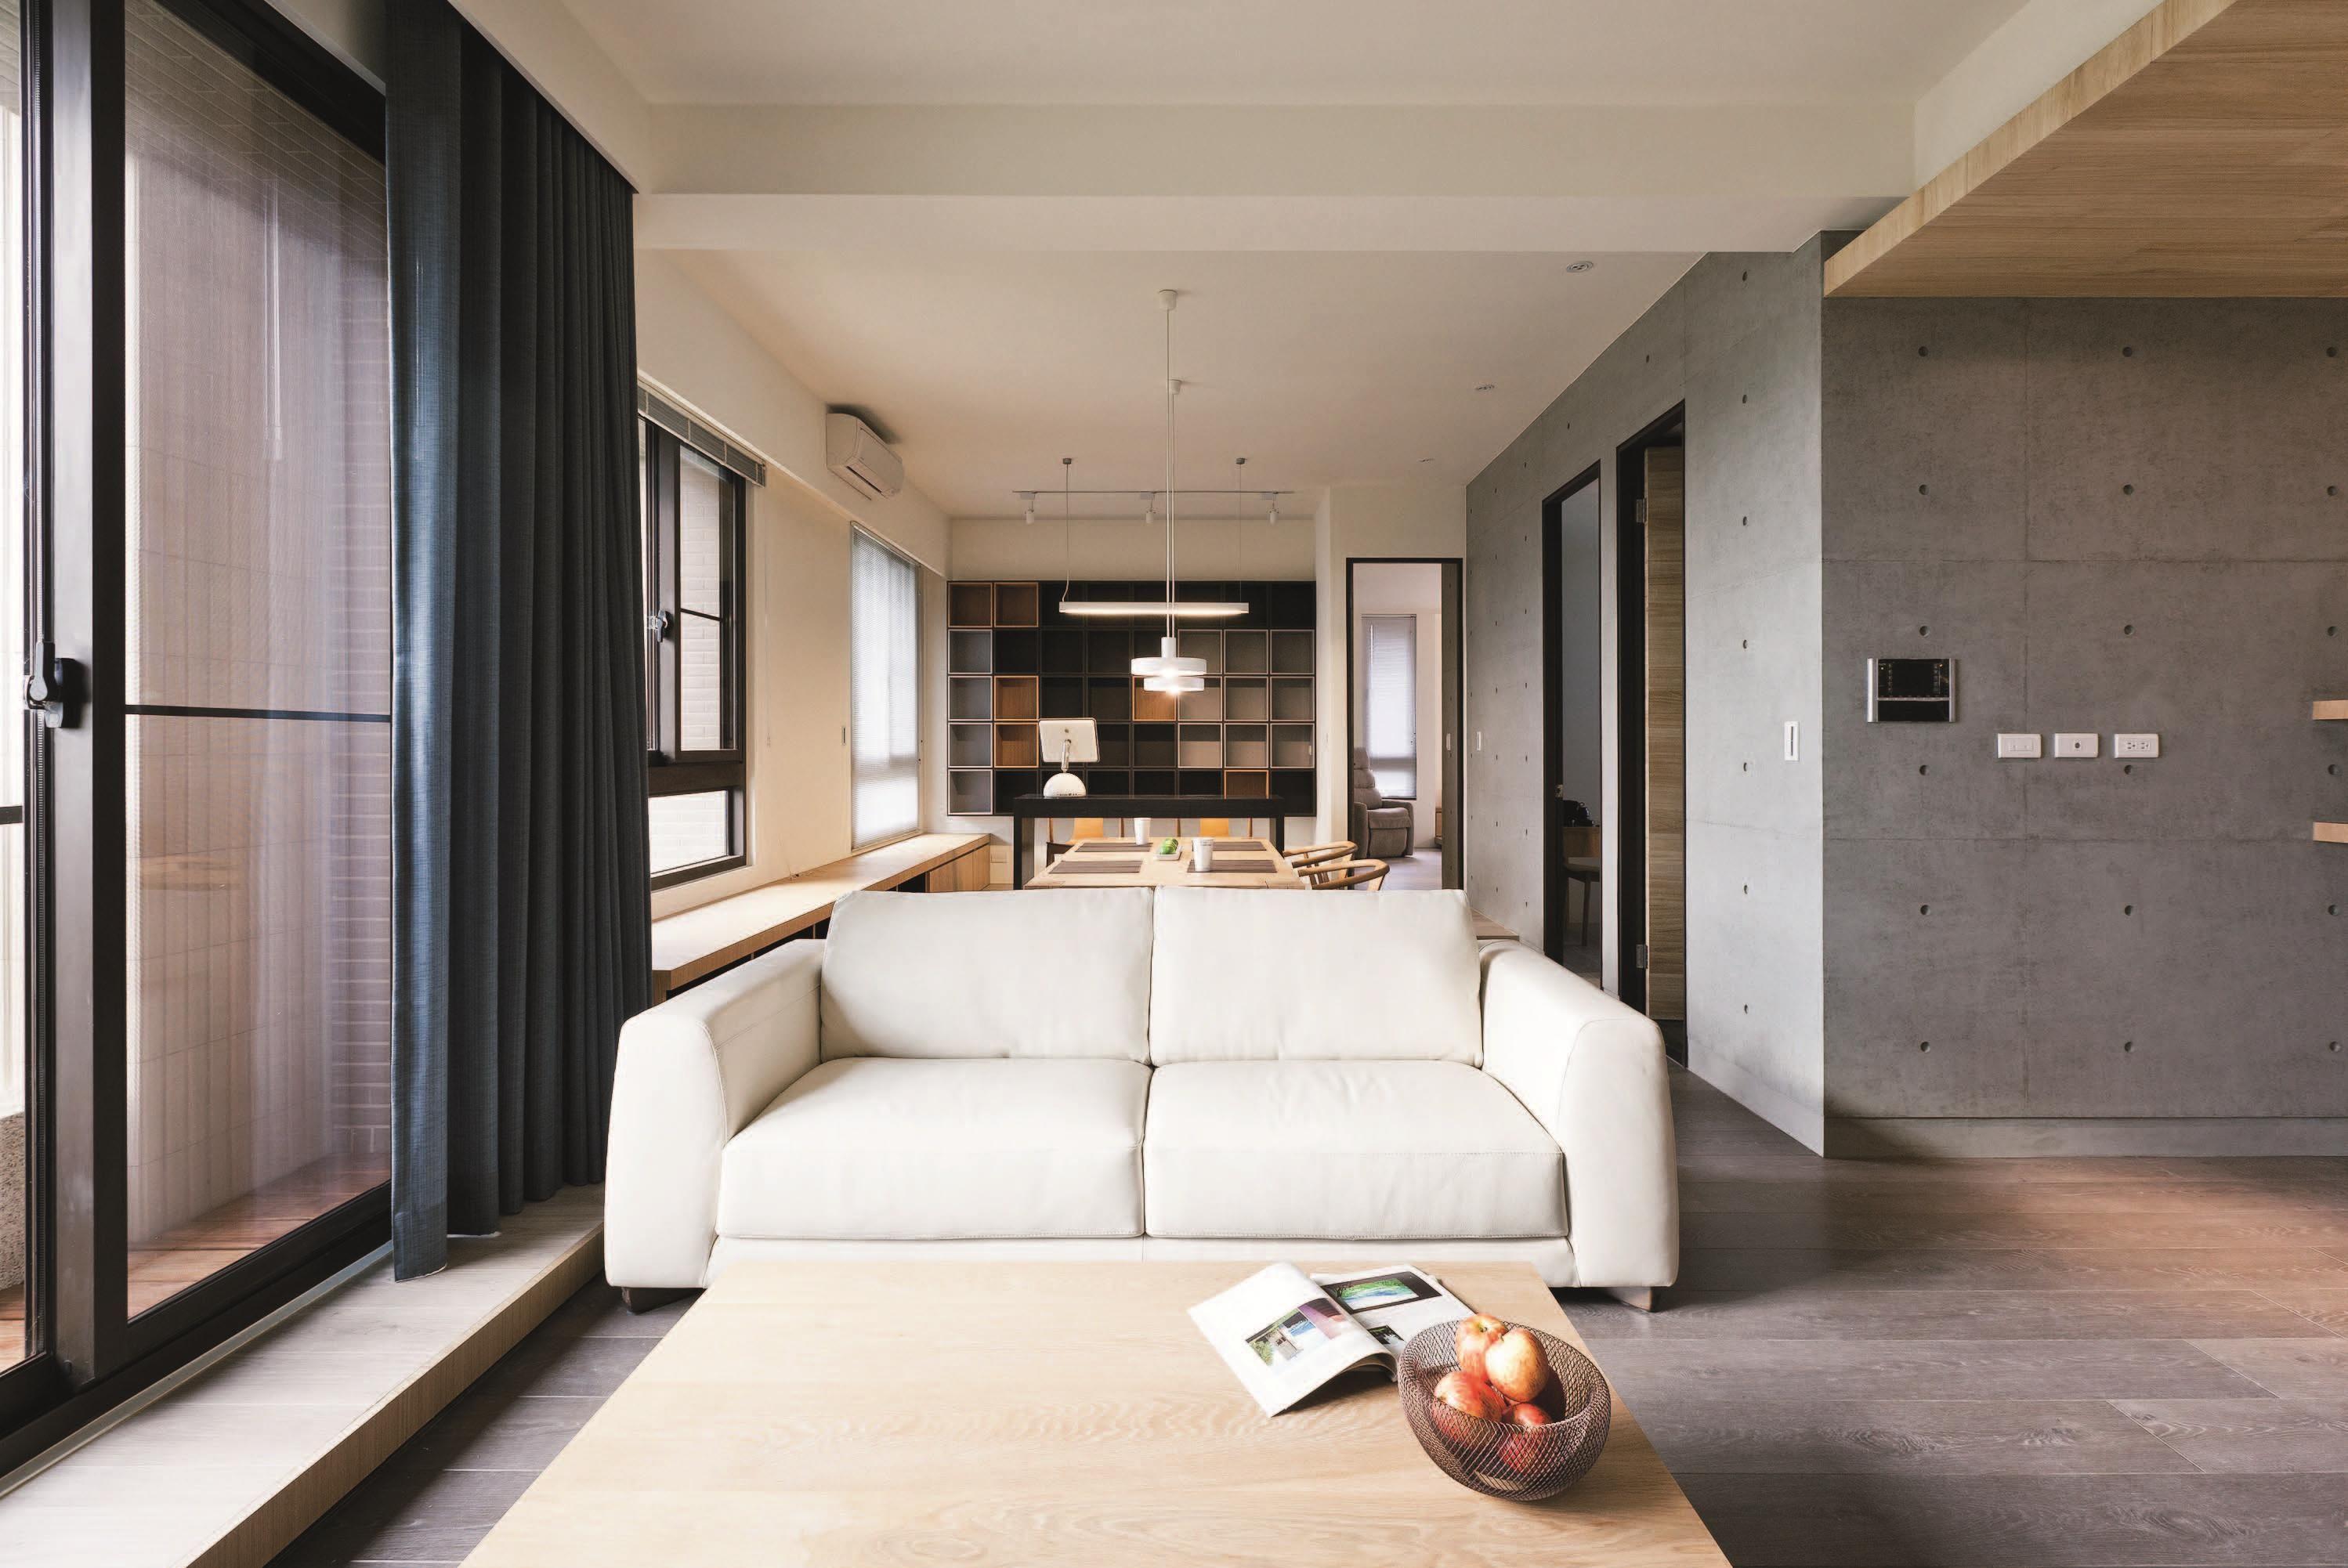 室內設計 陳瑞憲 - Google 搜尋